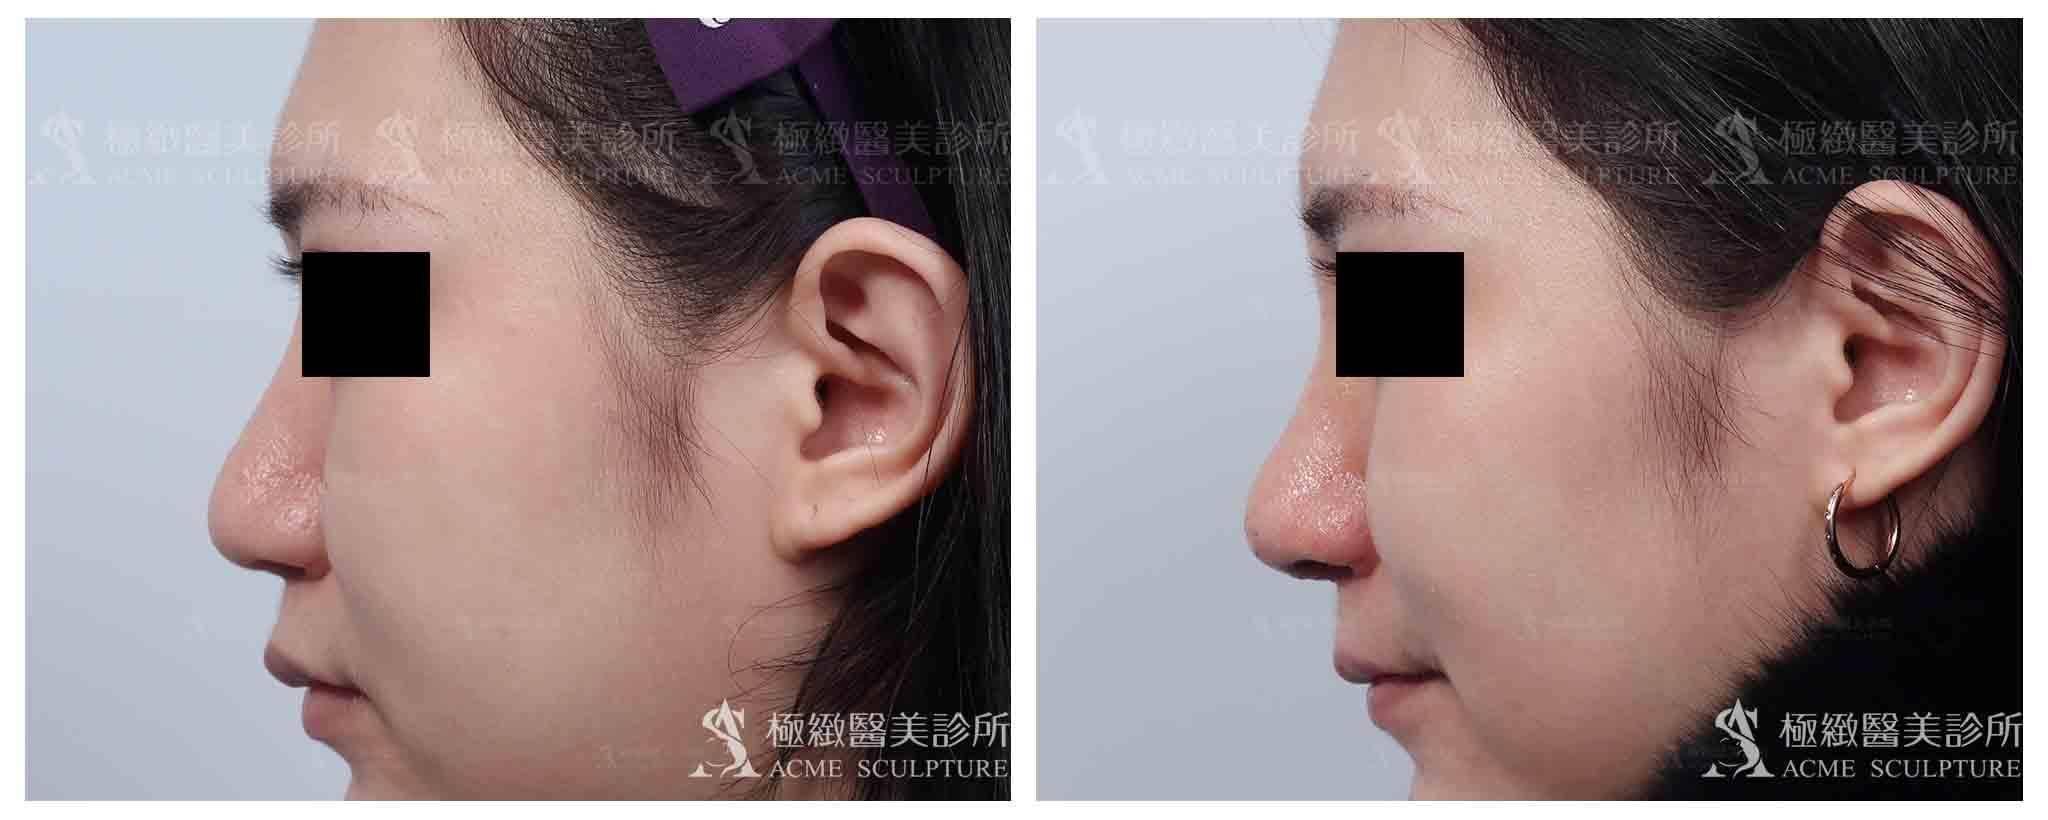 隆鼻,隆鼻案例,隆鼻推薦,隆鼻醫生,隆鼻台北,中山區隆鼻,醫美隆鼻